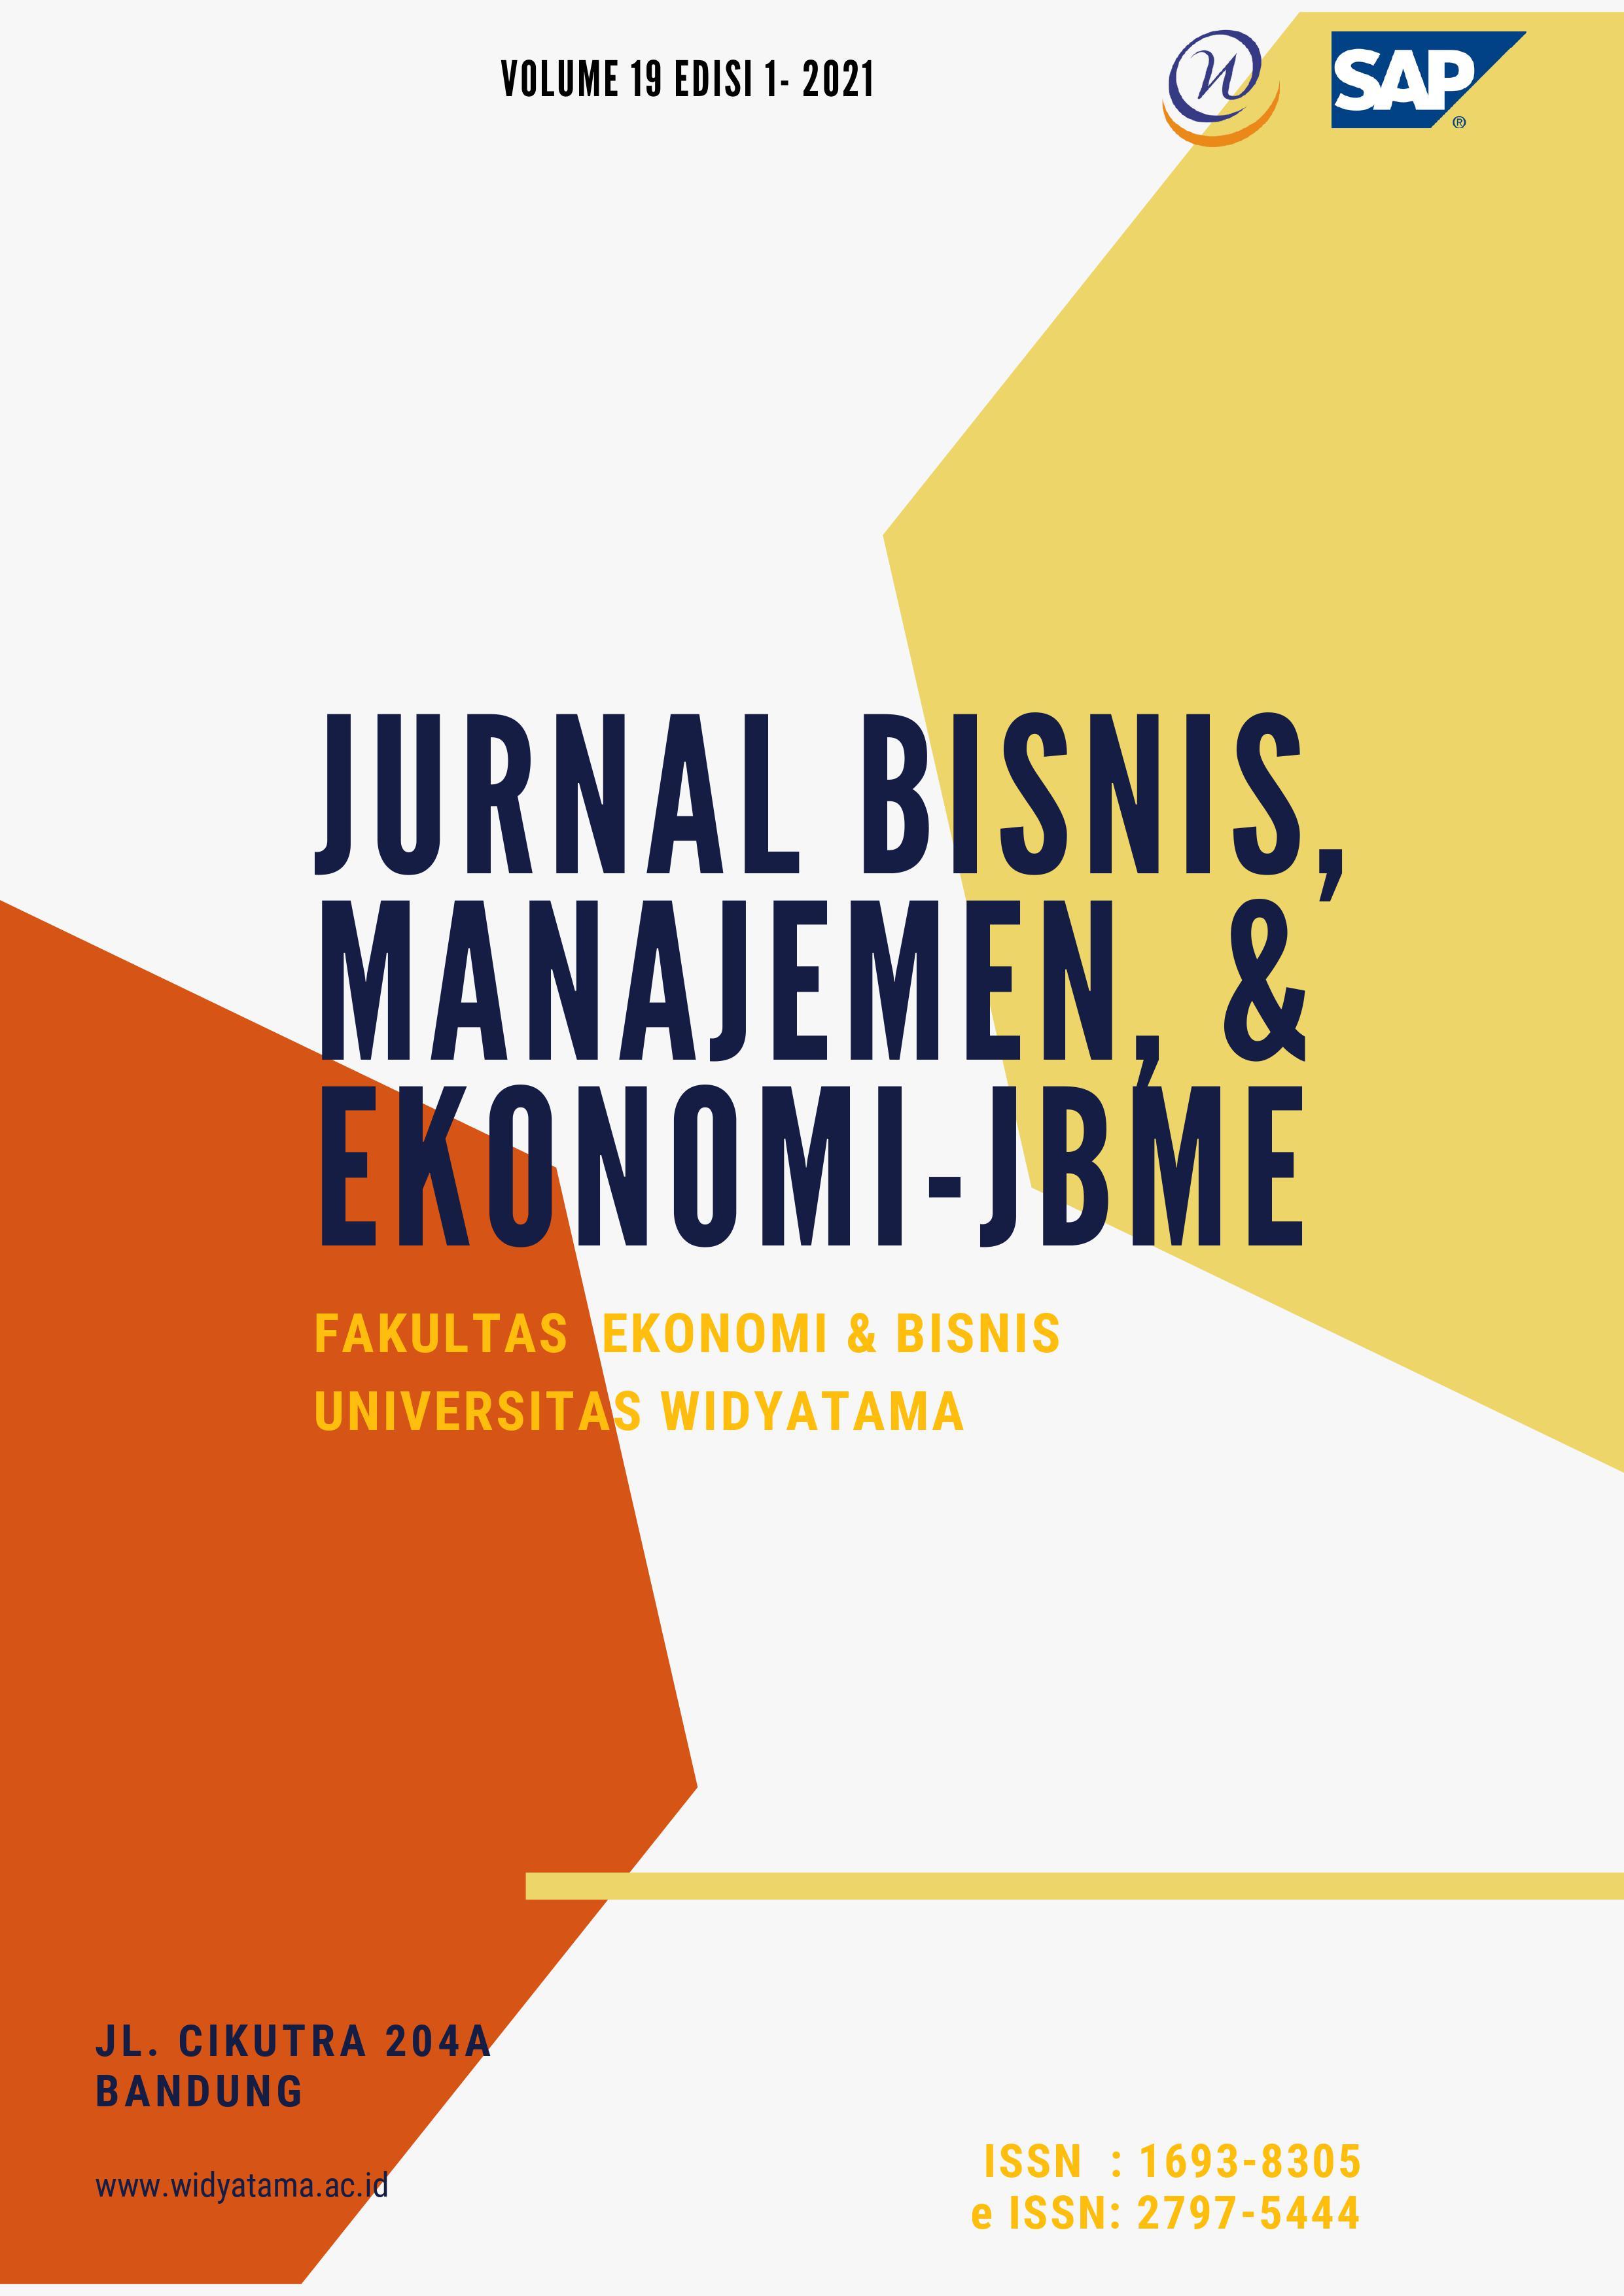 View Vol. 19 No. 1 (2021): Jurnal Bisnis, Manajemen, & Ekonomi-JBME